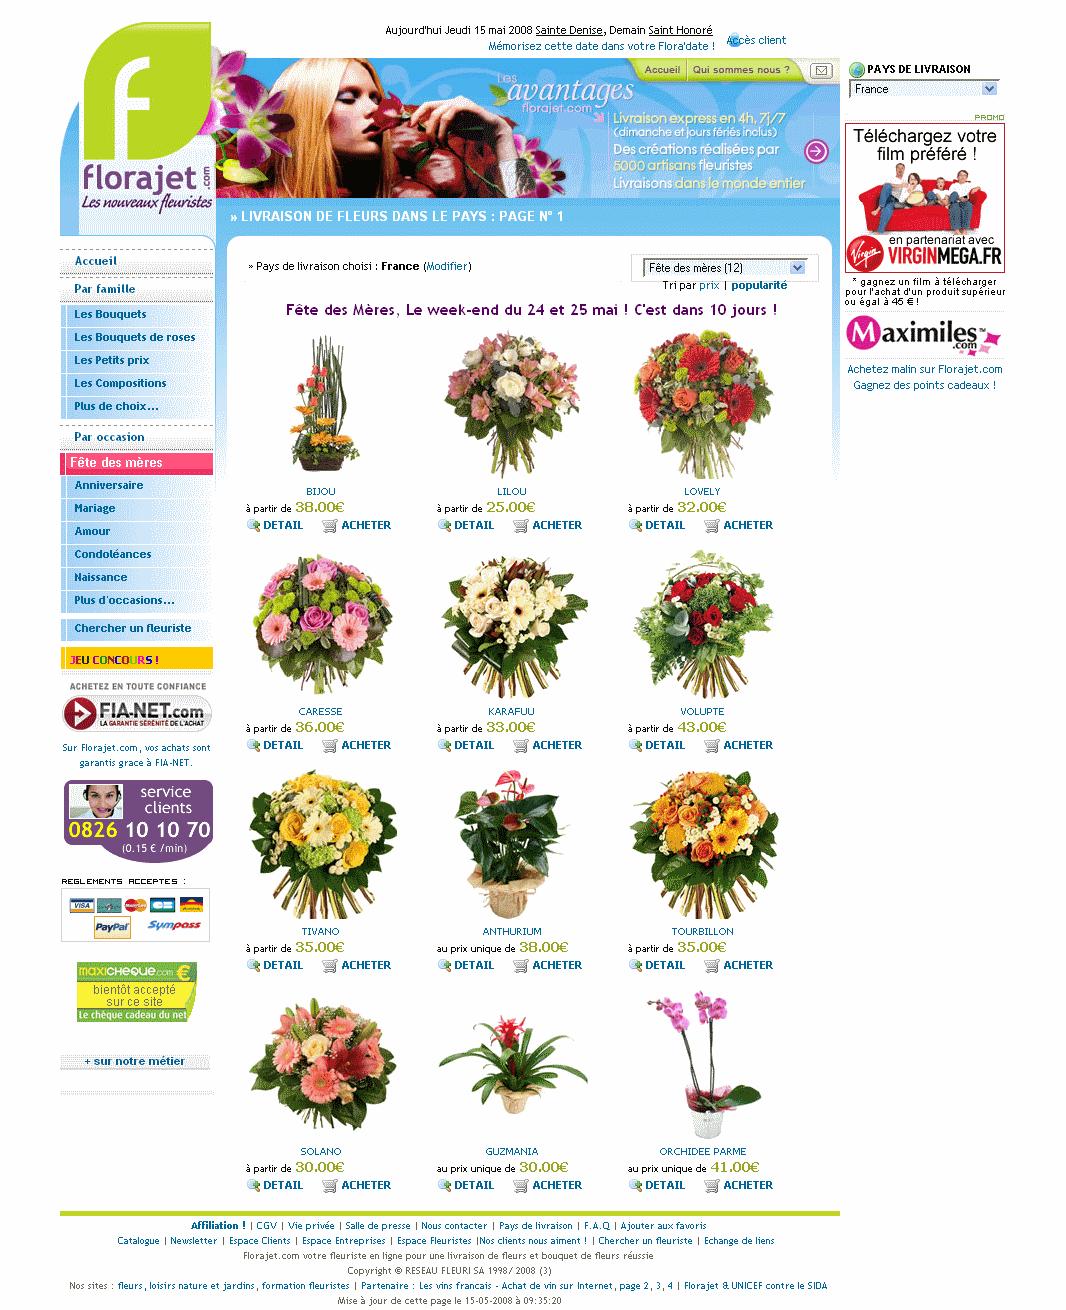 Fêtes des mères e-commerce 2008 : Florajet.com